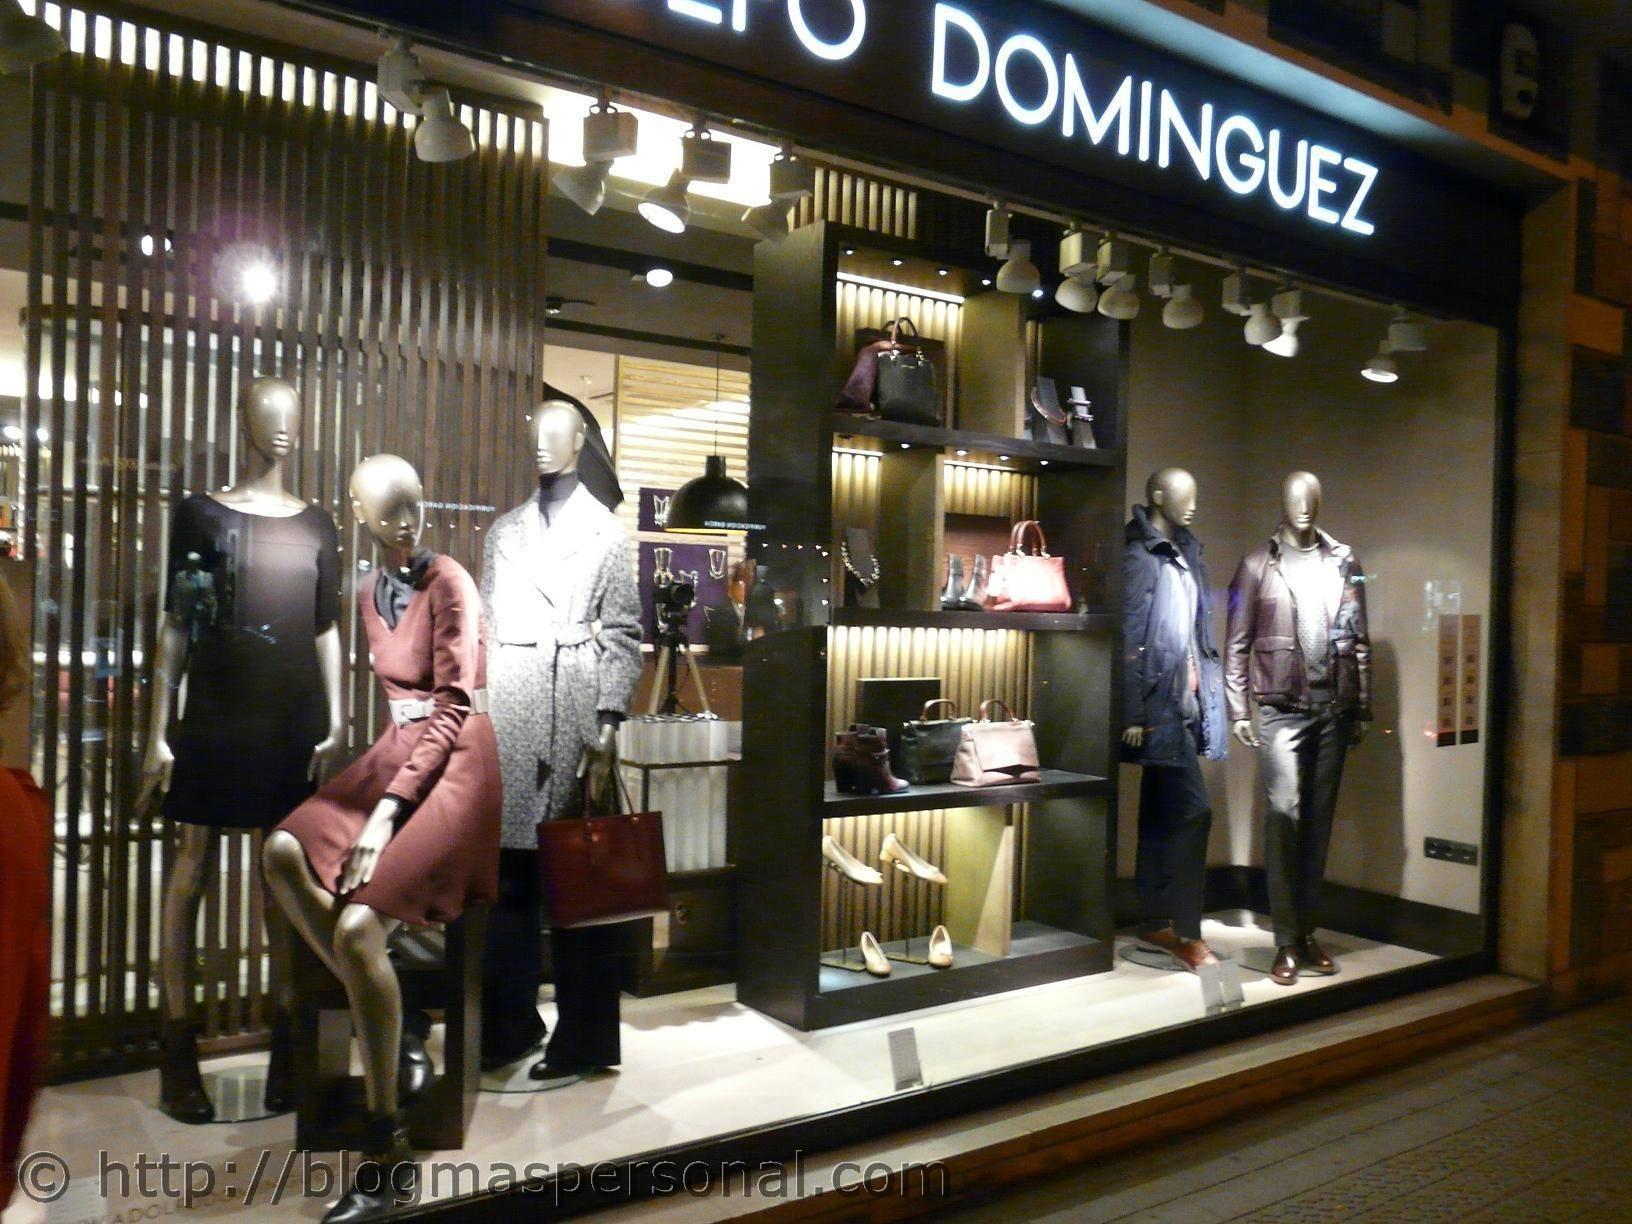 Adolfo dom nguez vender su tienda del paseo de gracia for Tiendas adolfo dominguez valencia